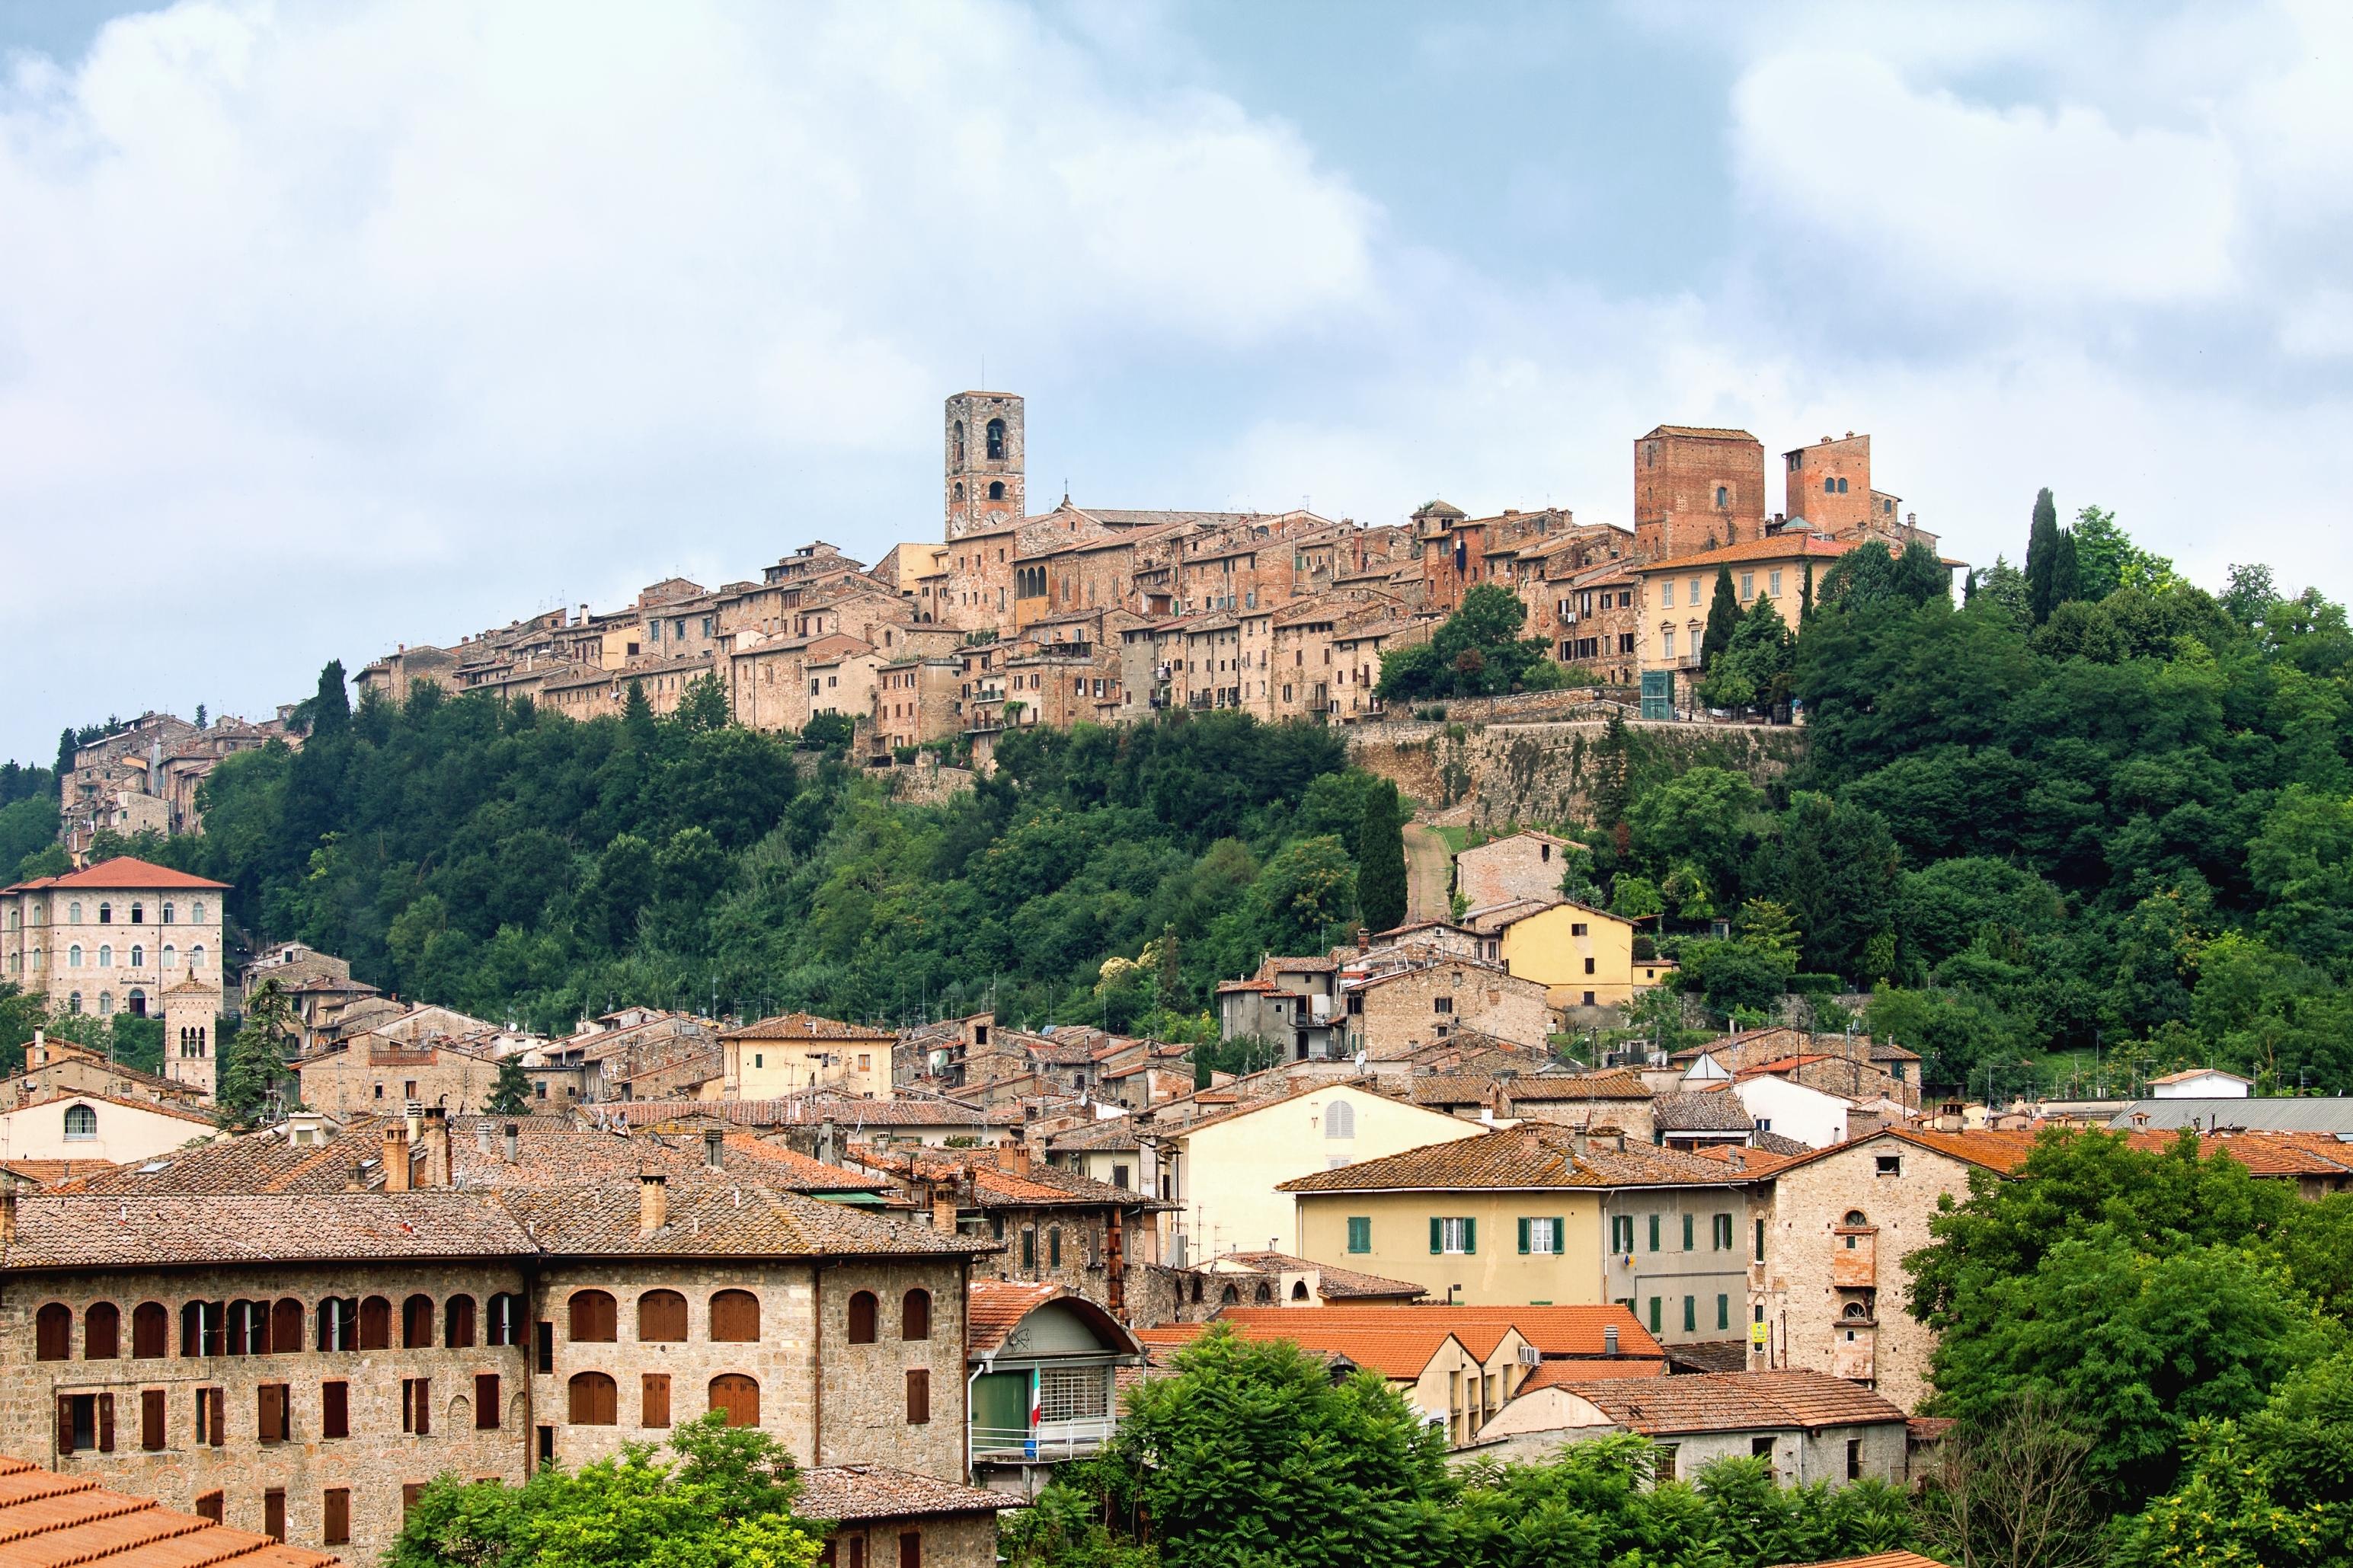 Colle Val D'Elsa Italy  city pictures gallery : Where Dove siamo « ♖ Villa i Leoni